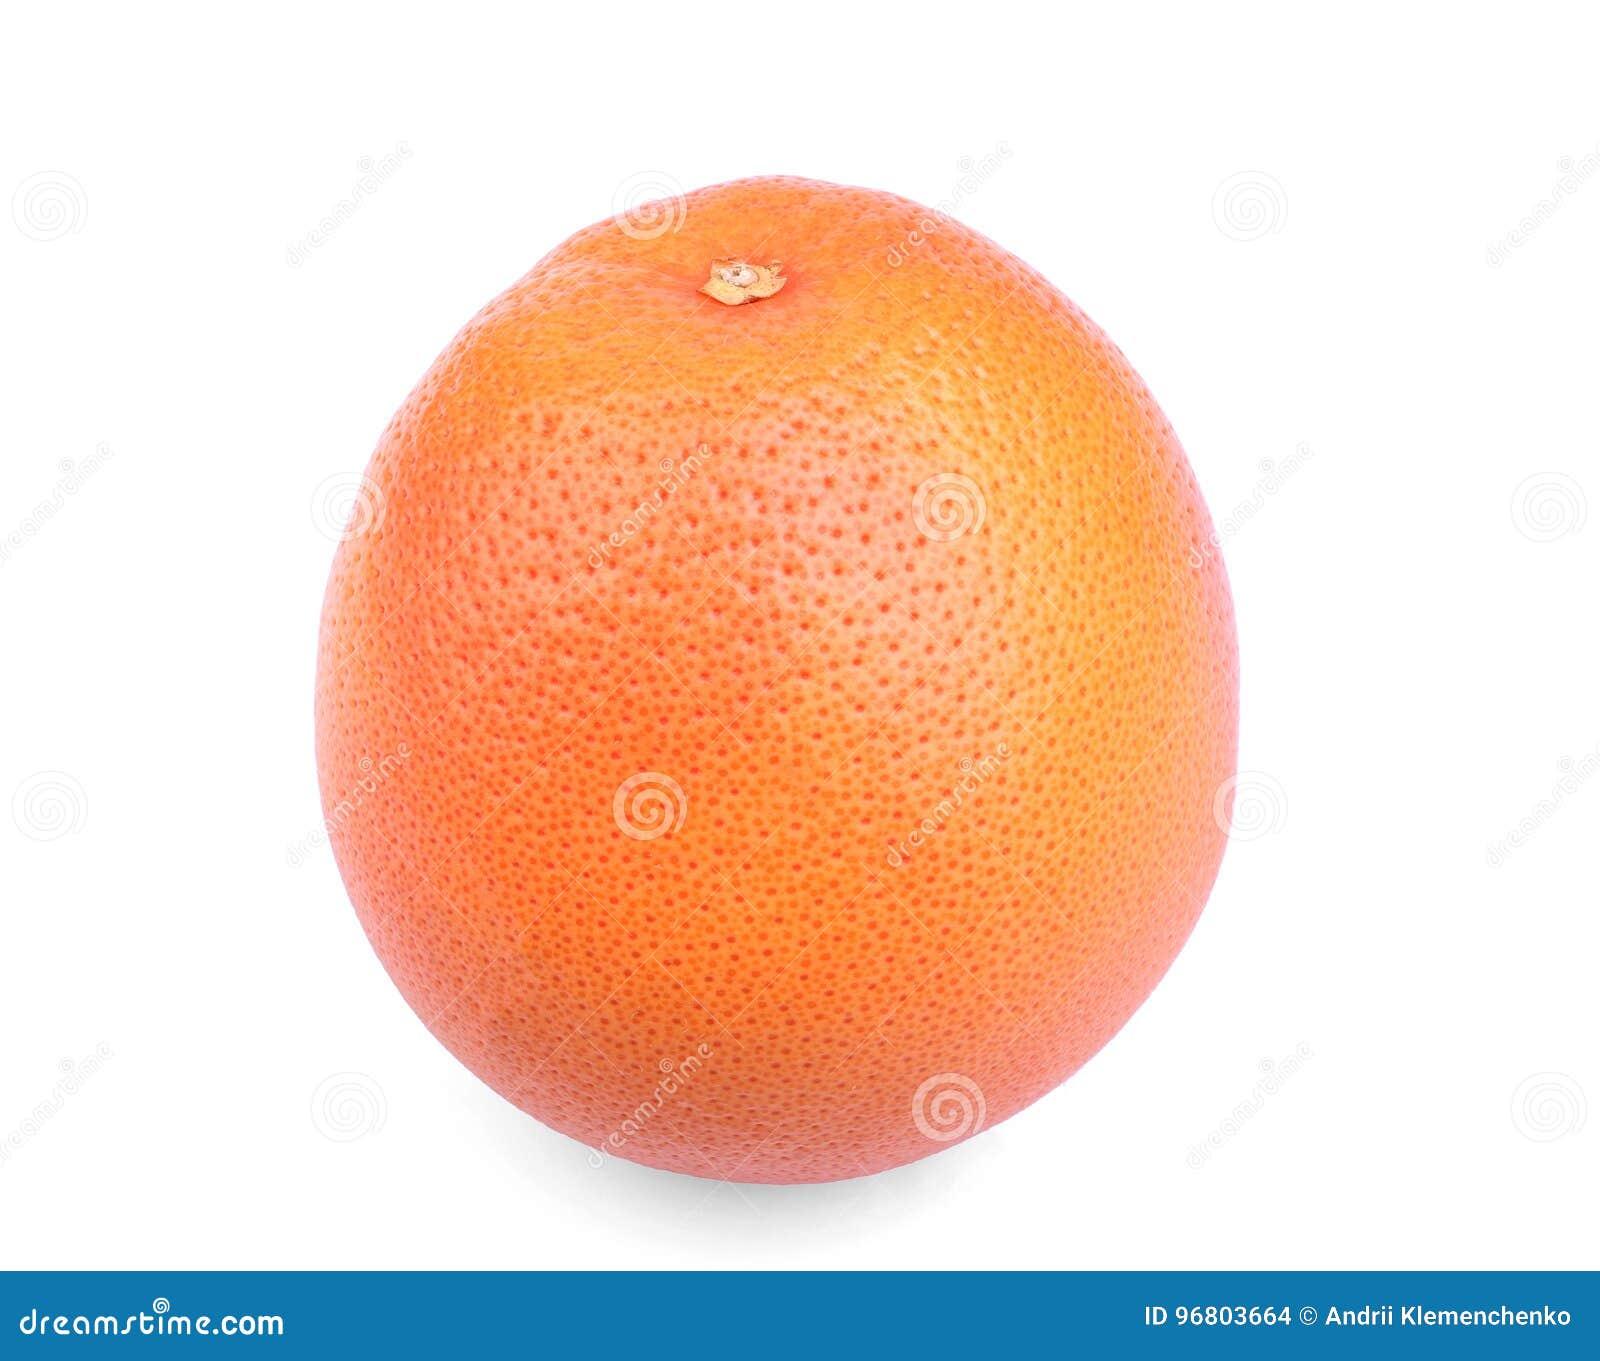 Uma única toranja brilhante em um fundo branco Citrinos exóticos e tropicais Toranja madura e crua Laranjas frescas da vitamina C